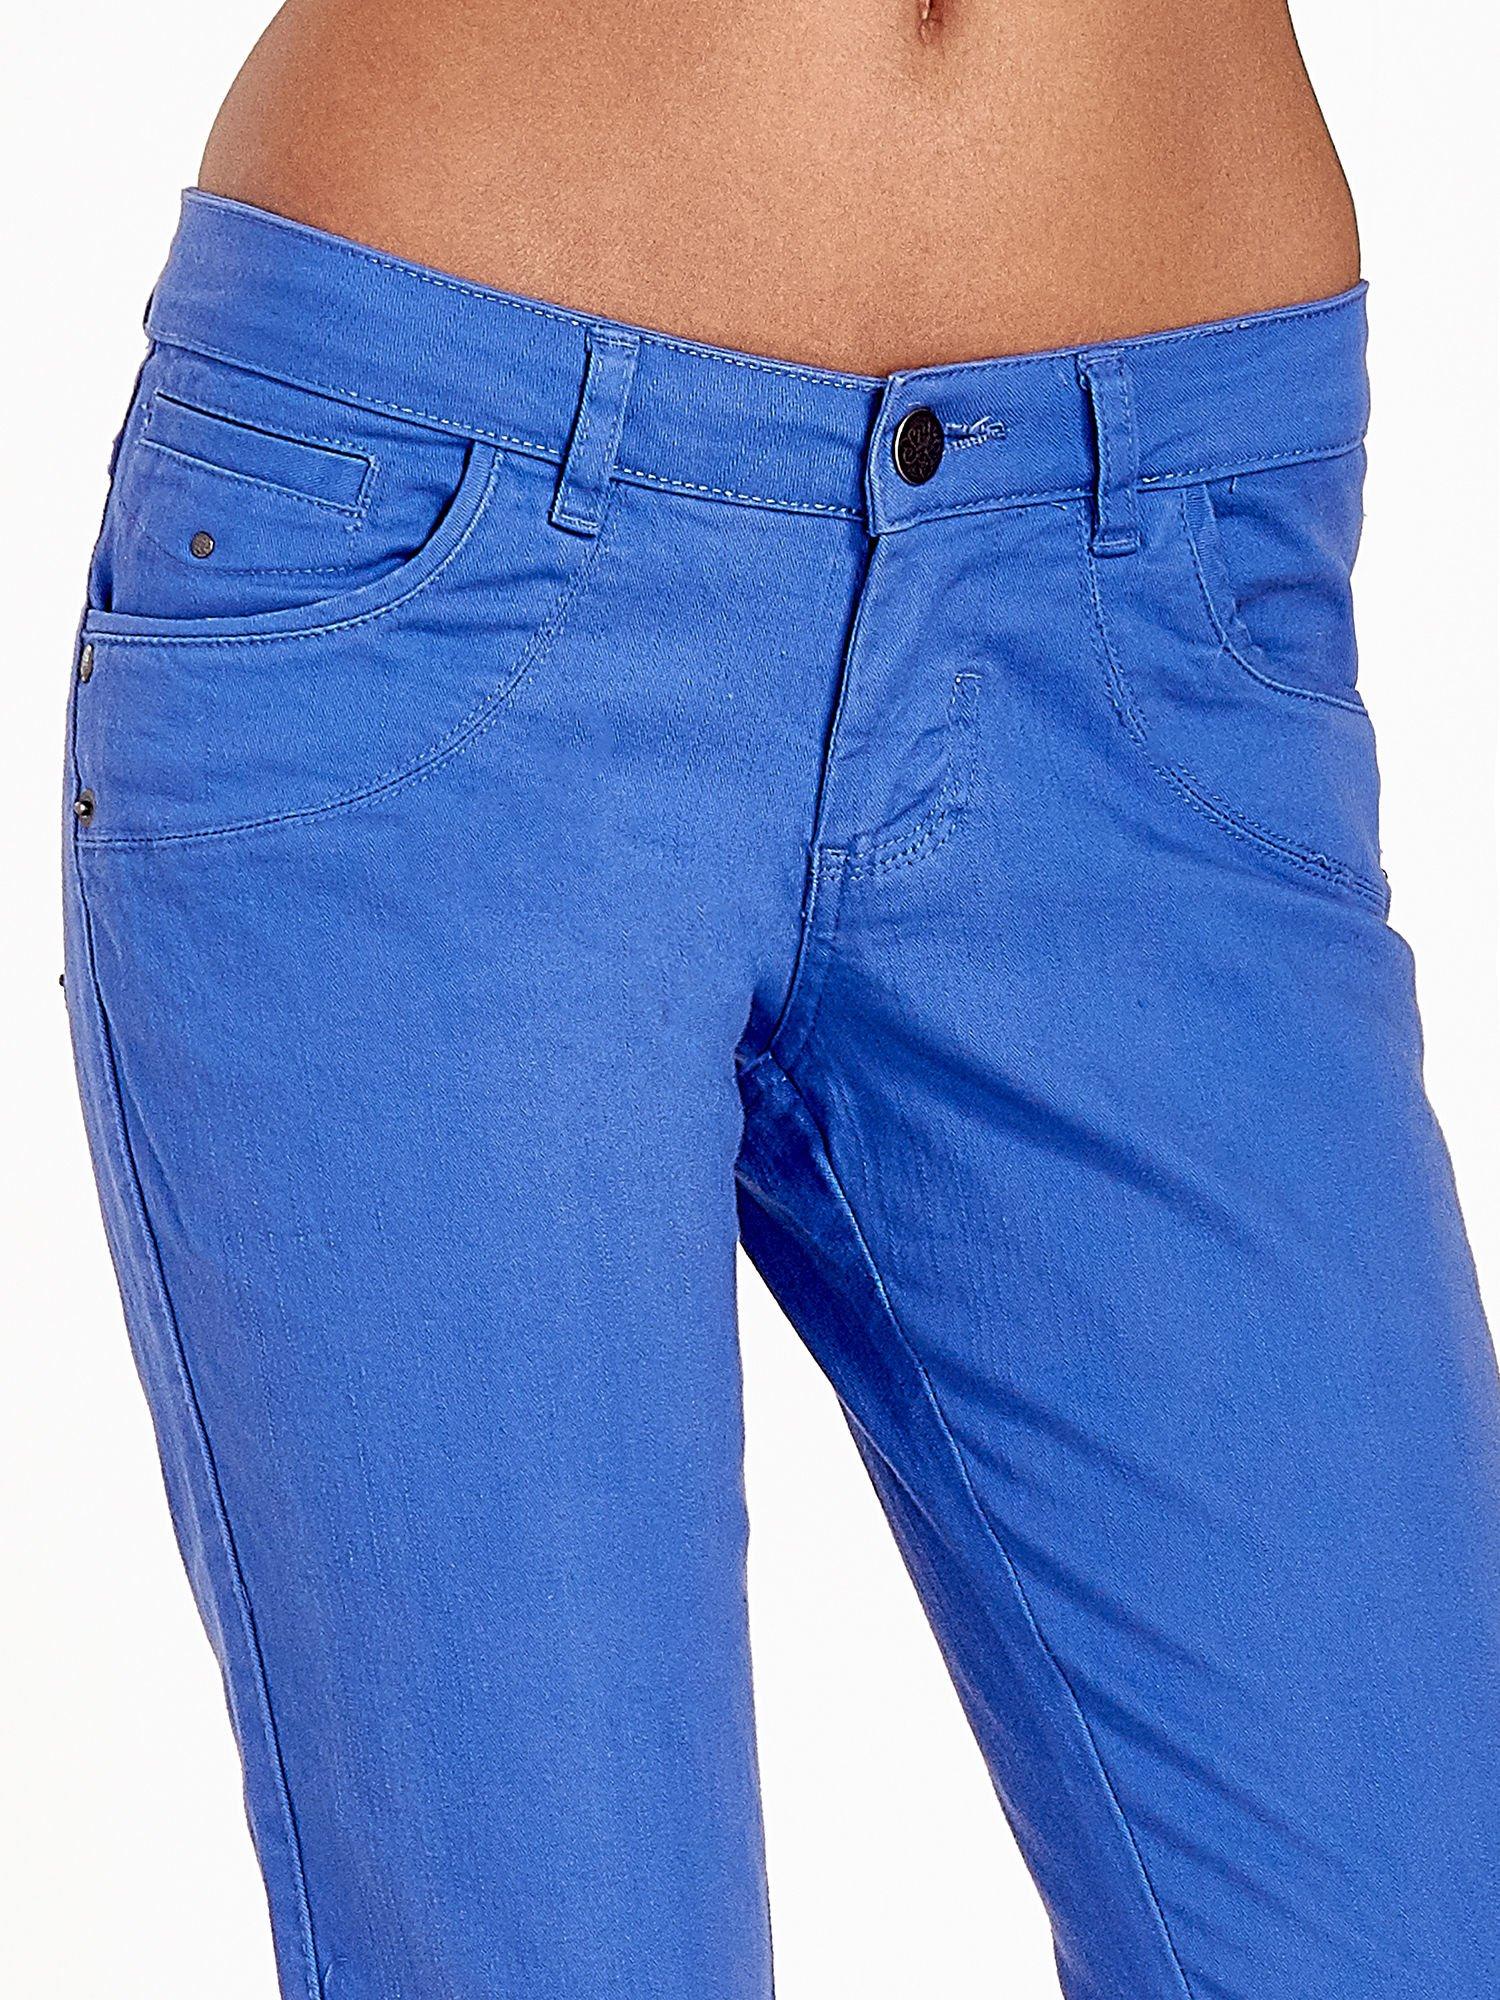 Niebieskie spodnie jeansowe rurki                                  zdj.                                  9